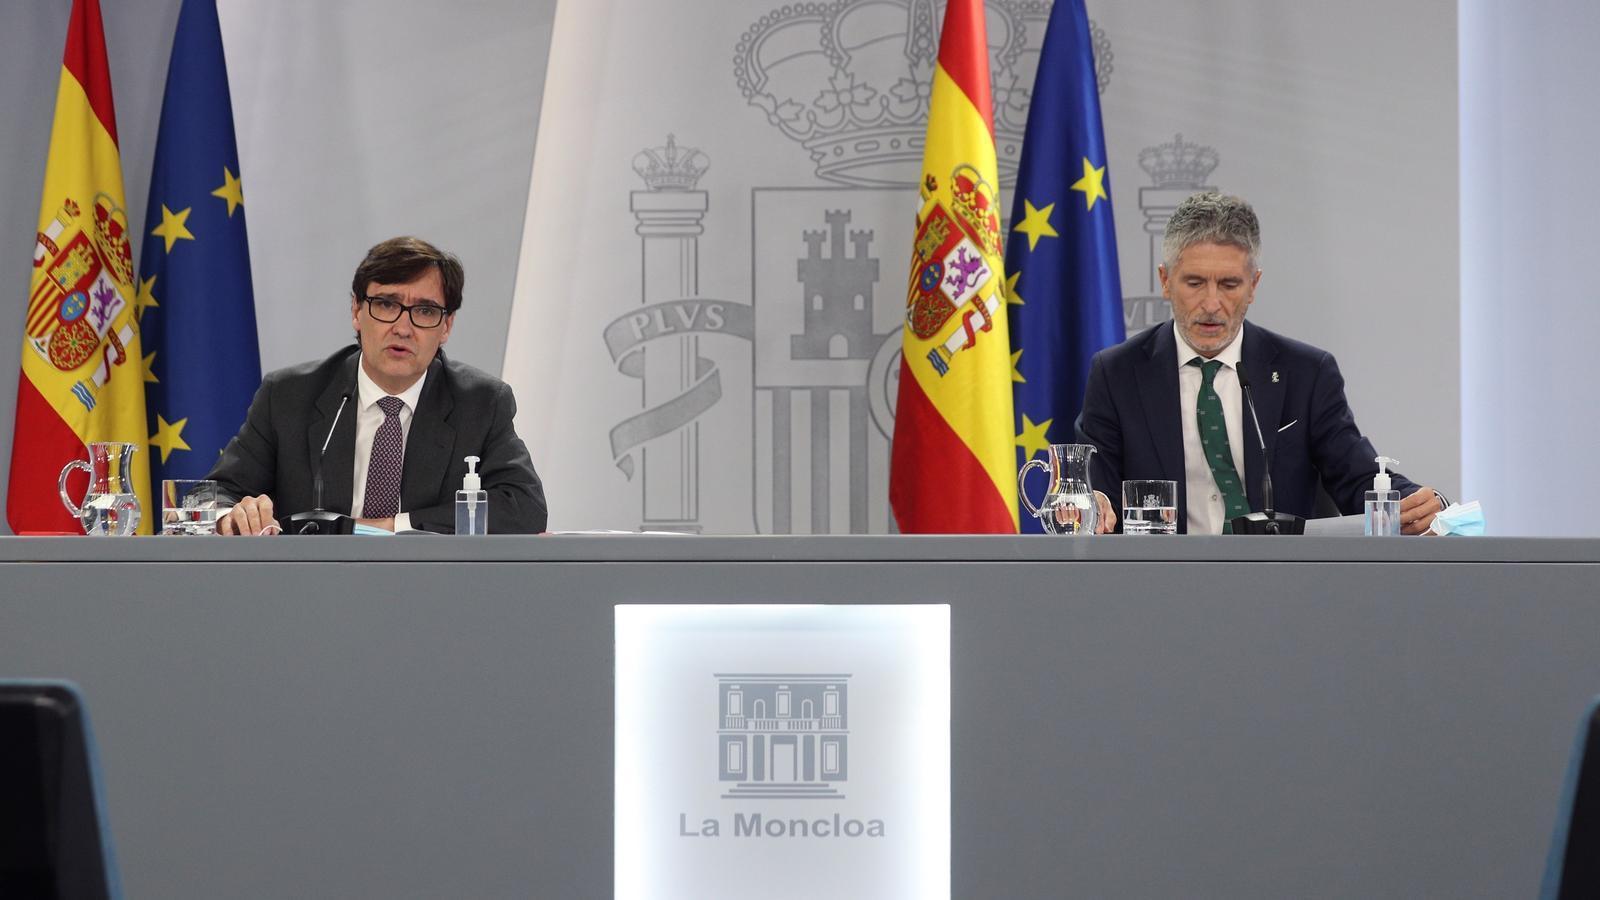 El ministre de Sanitat, Salvador Illa, i el de l'Interior, Fernando Grande-Marlaska, en roda de premsa després que el consell de ministres hagi aprovat l'aplicació de l'estat d'alarma a Madrid.